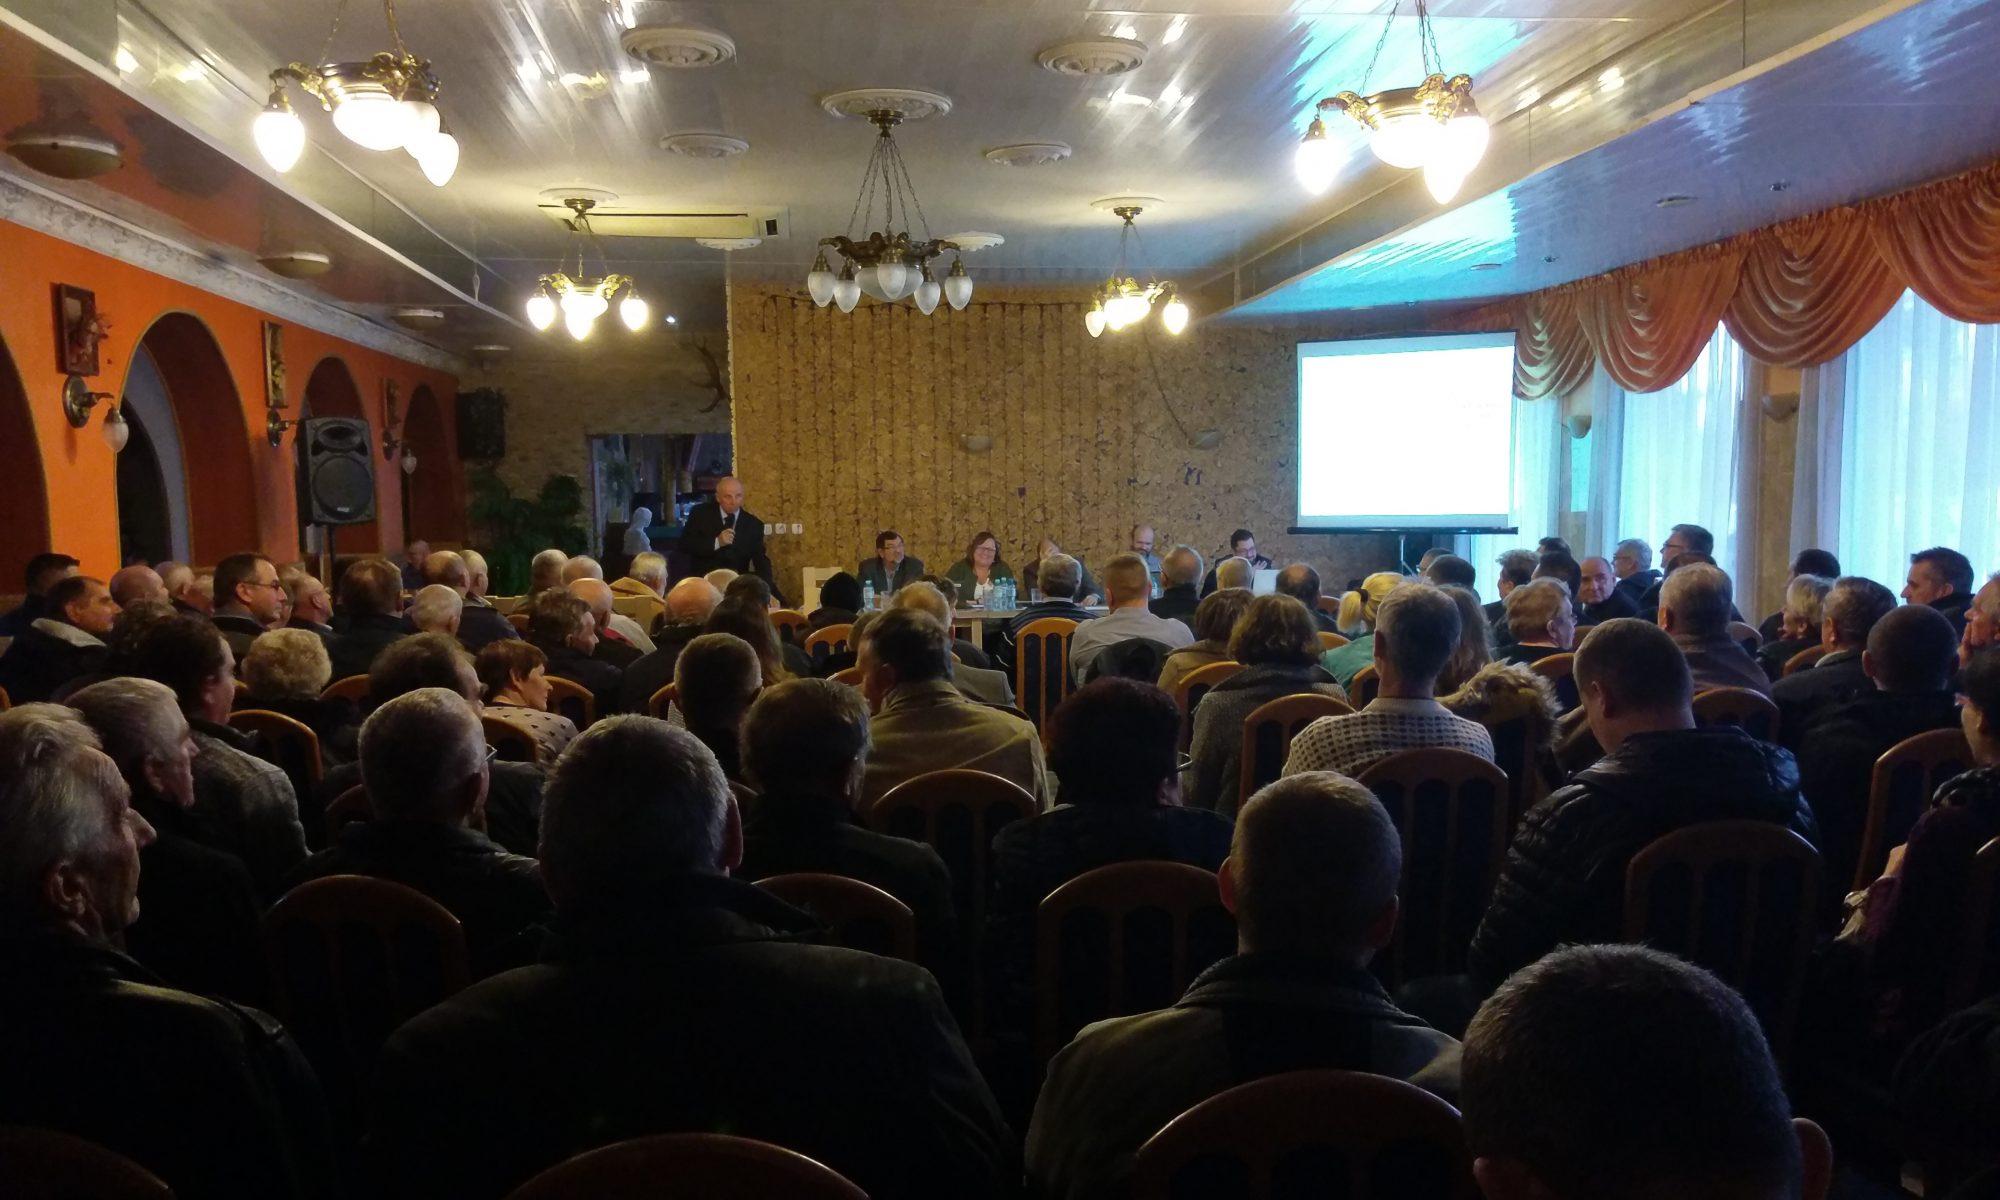 Kopania odkrywkowa Złoczew: Rozmawialiśmy o odkrywce w Złoczewie - spotkanie informacyjne dla mieszkańców